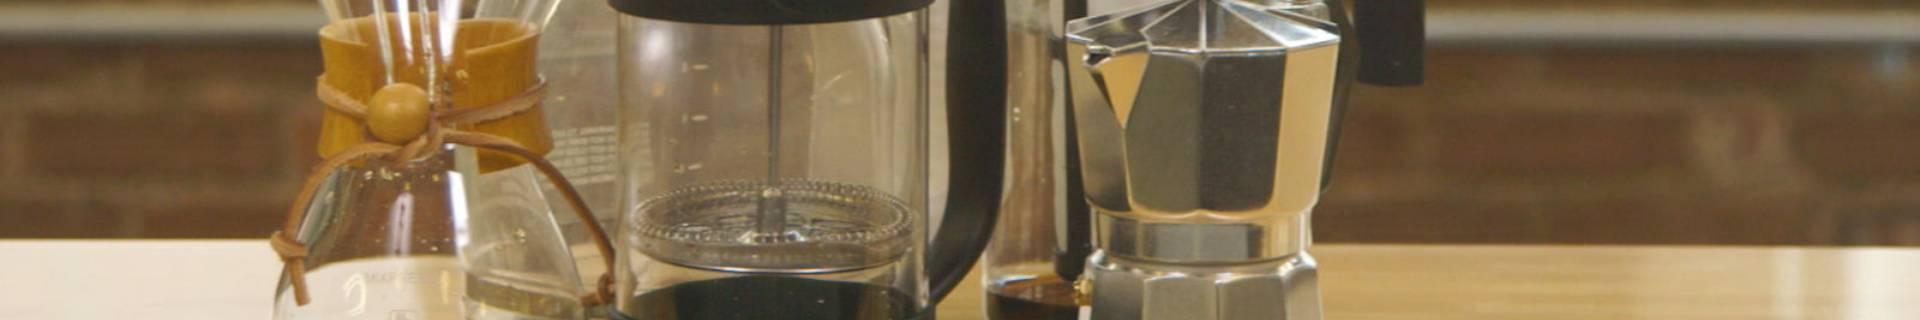 Accesoires de Café - ECOLECTIA